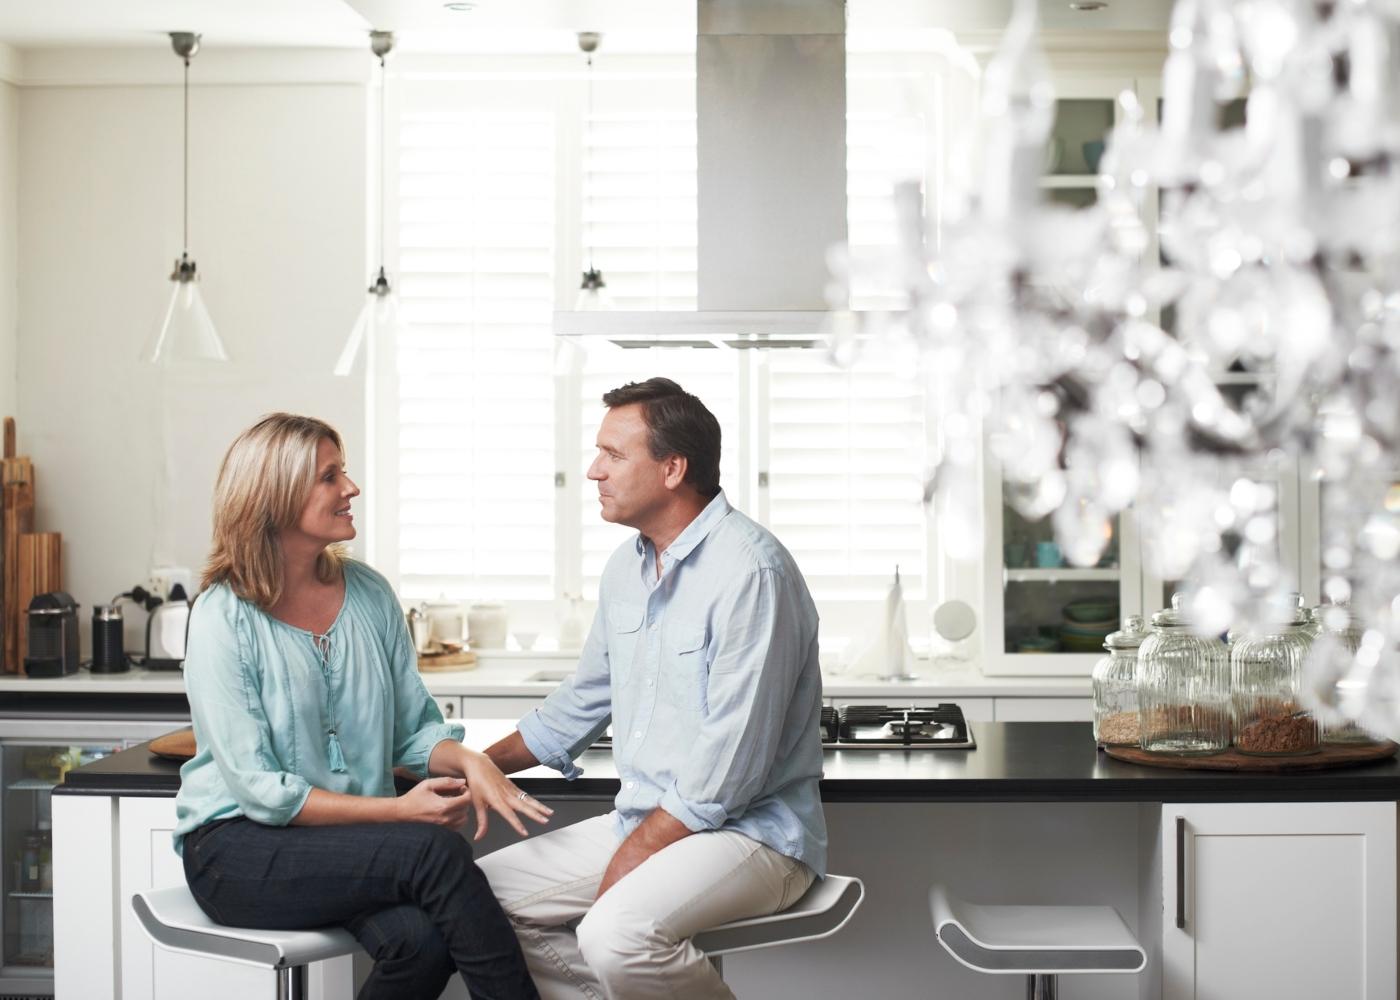 Discutir é saudável: casal a debater pontos de vista